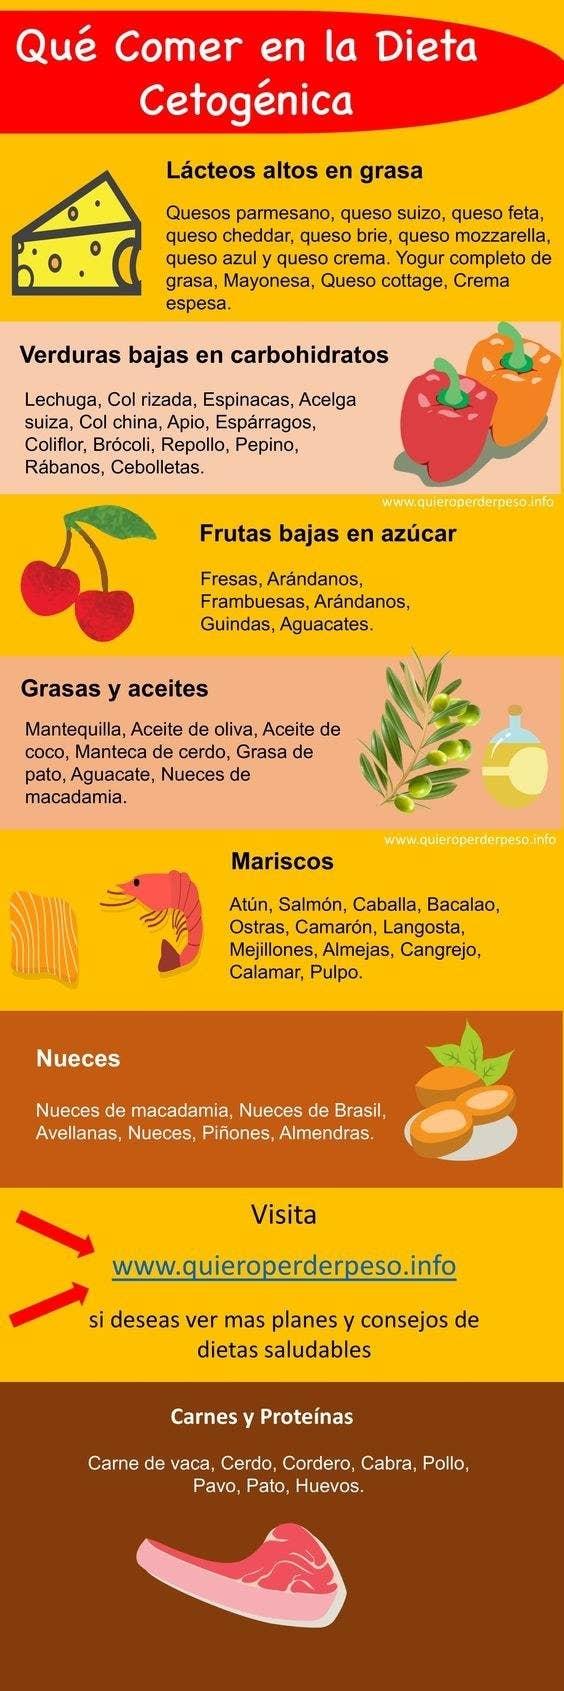 comiendo fruta ceto dieta